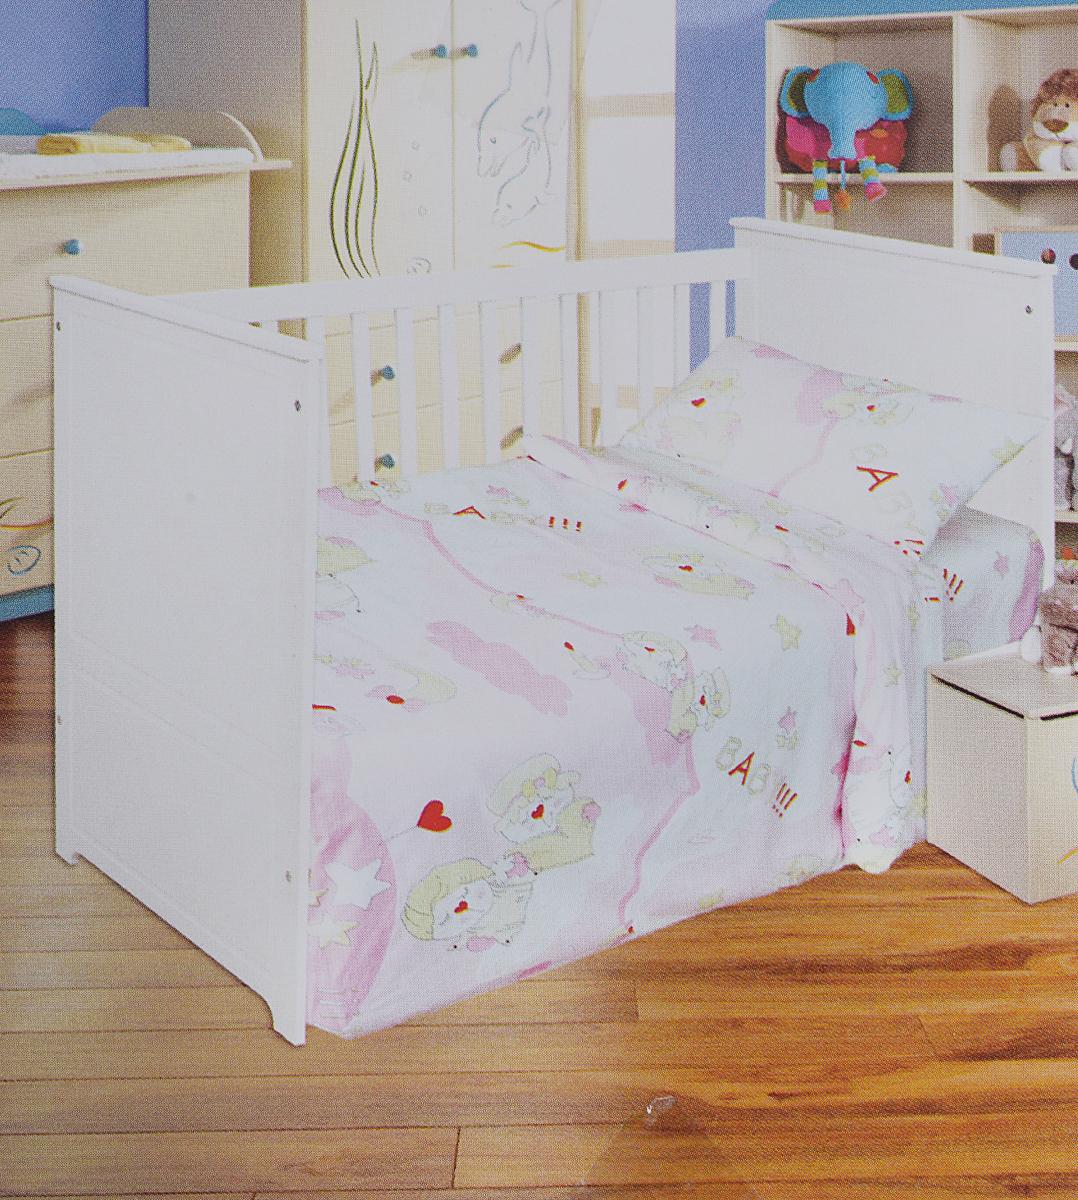 Bonne Fee Комплект белья для новорожденных Гномики цвет розовый96281496Комплект белья для новорожденных Bonne Fee Гномики выполнен в нежных тонах и украшен забавным рисунком. Комплект белья Гномики создаст комфорт и уют в кроватке малыша и обеспечит крепкий и здоровый сон. А современный дизайн и цветовые сочетания помогут ребенку адаптироваться в новом для него мире. Комплект белья для новорожденных Bonne Fee Гномики хорошо впишется в интерьер детской комнаты, или спальни родителей. Комплект постельного белья Гномики выполнен из натурального и экологически чистого 100% хлопка. Качество материала обеспечивает легкость стирки и долговечность. Комплект включает в себя наволочку, пододеяльник и простыню.